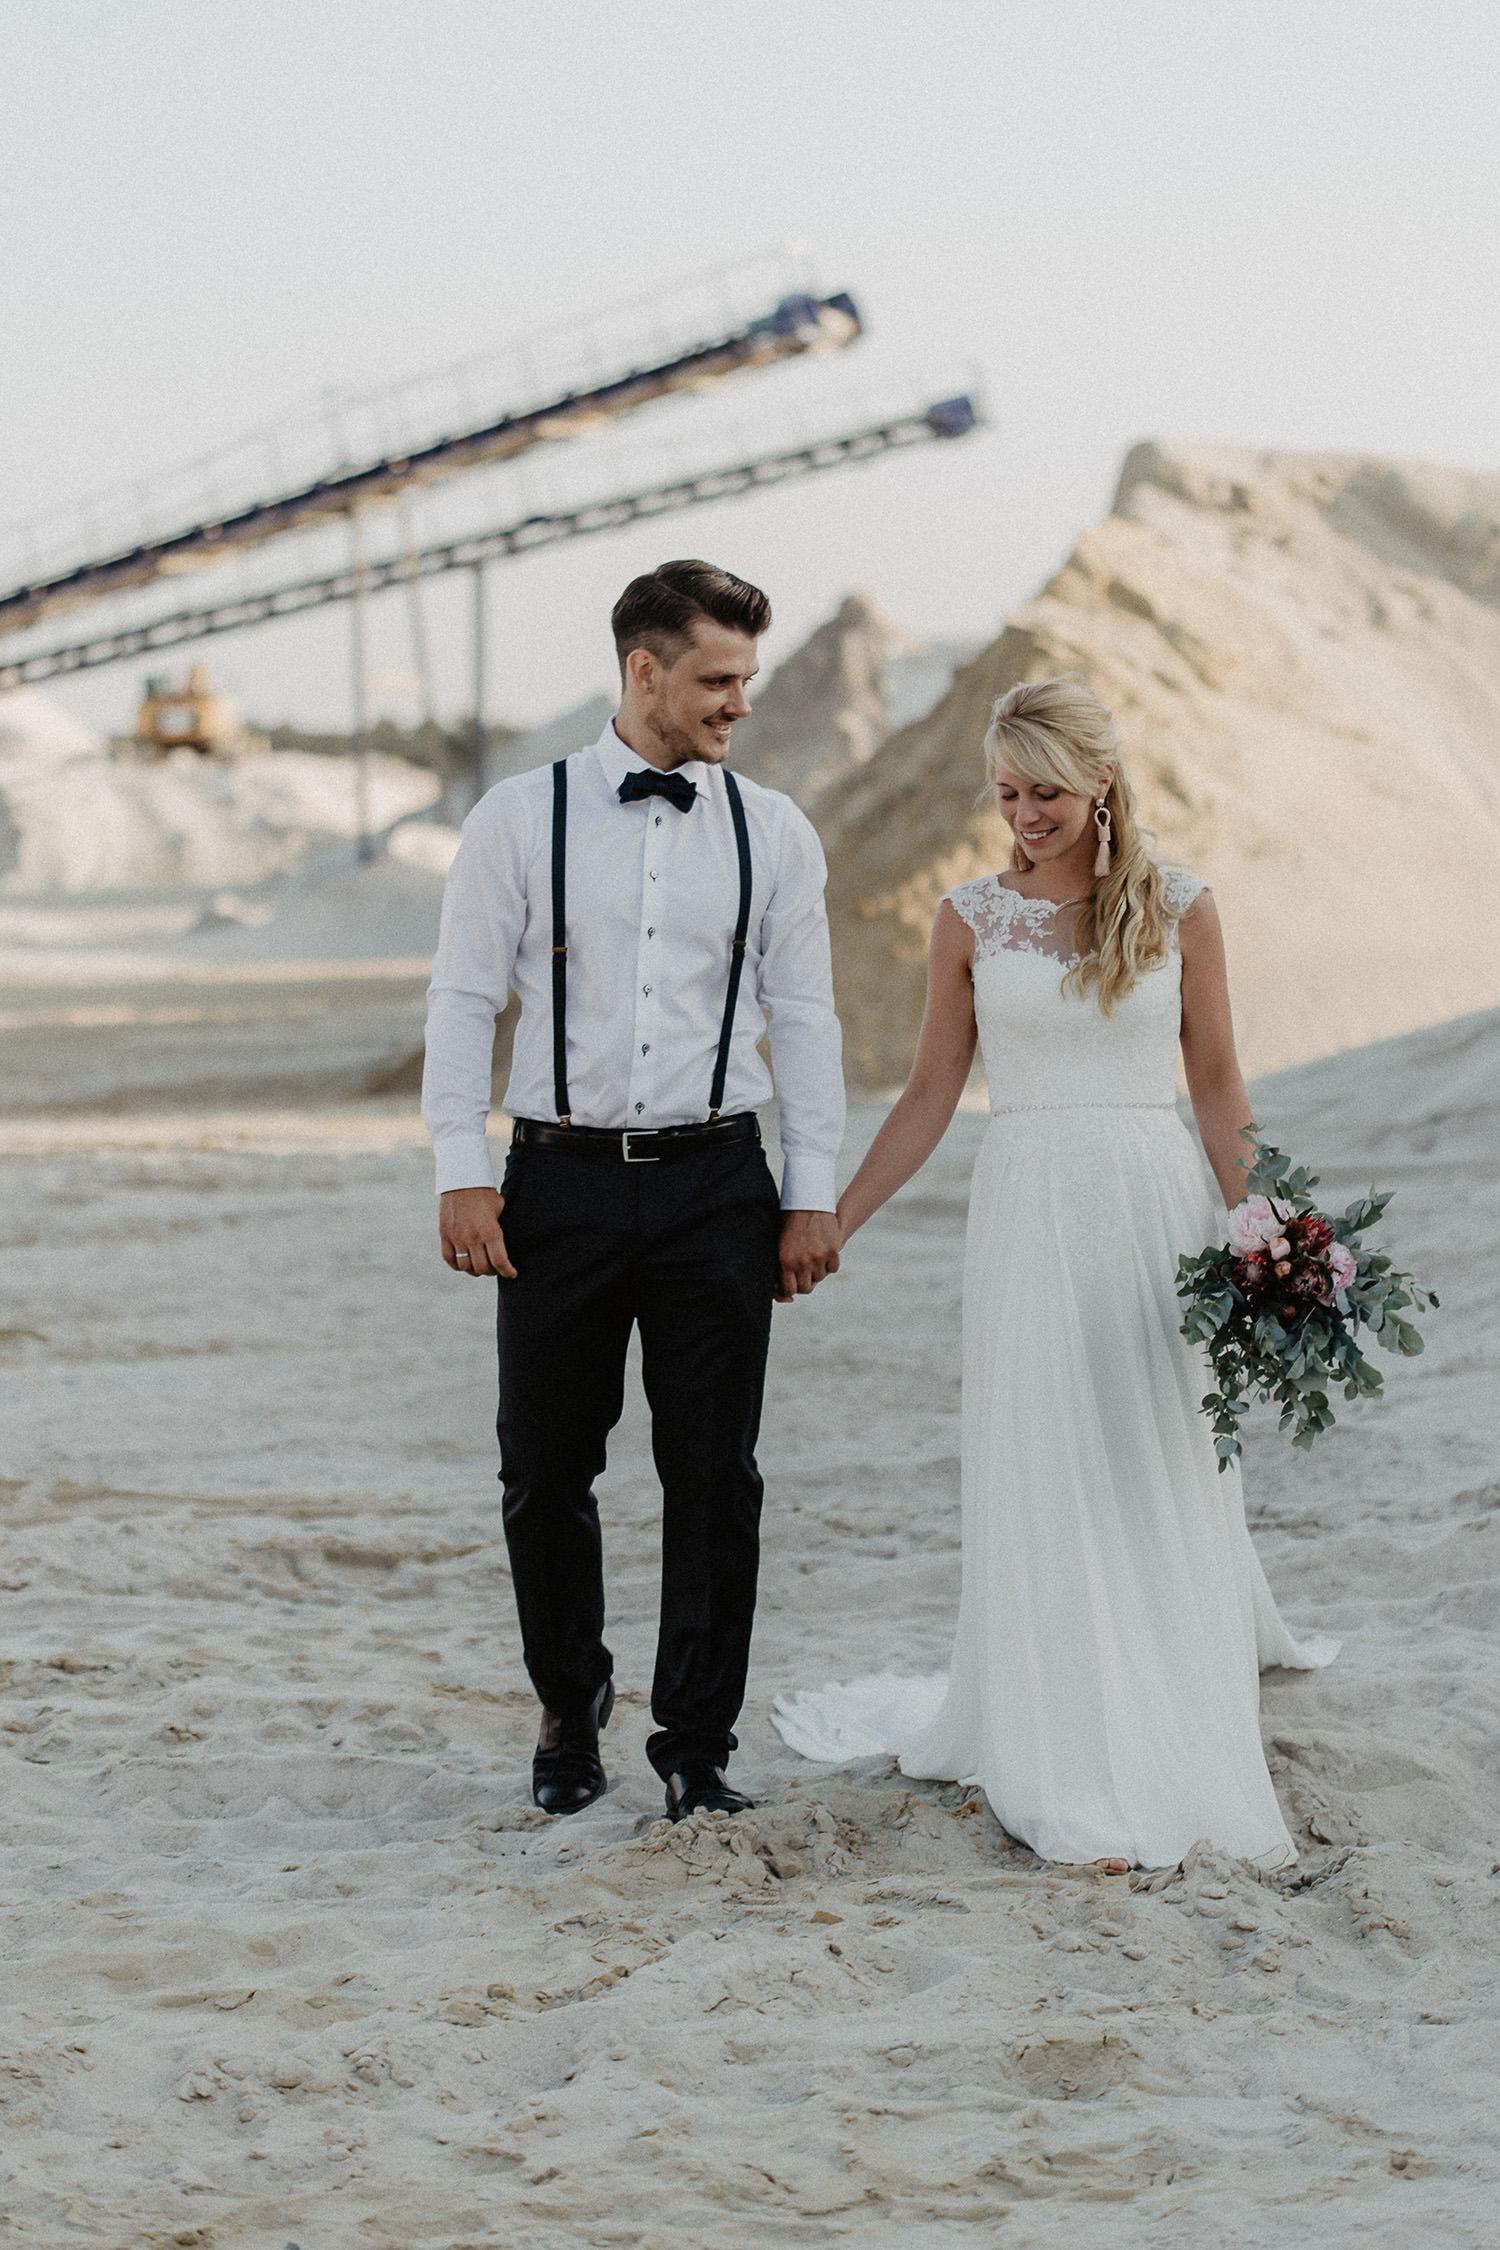 Hochzeitsfoto eines Fotograf / Hochzeitsfotografen in Lingen